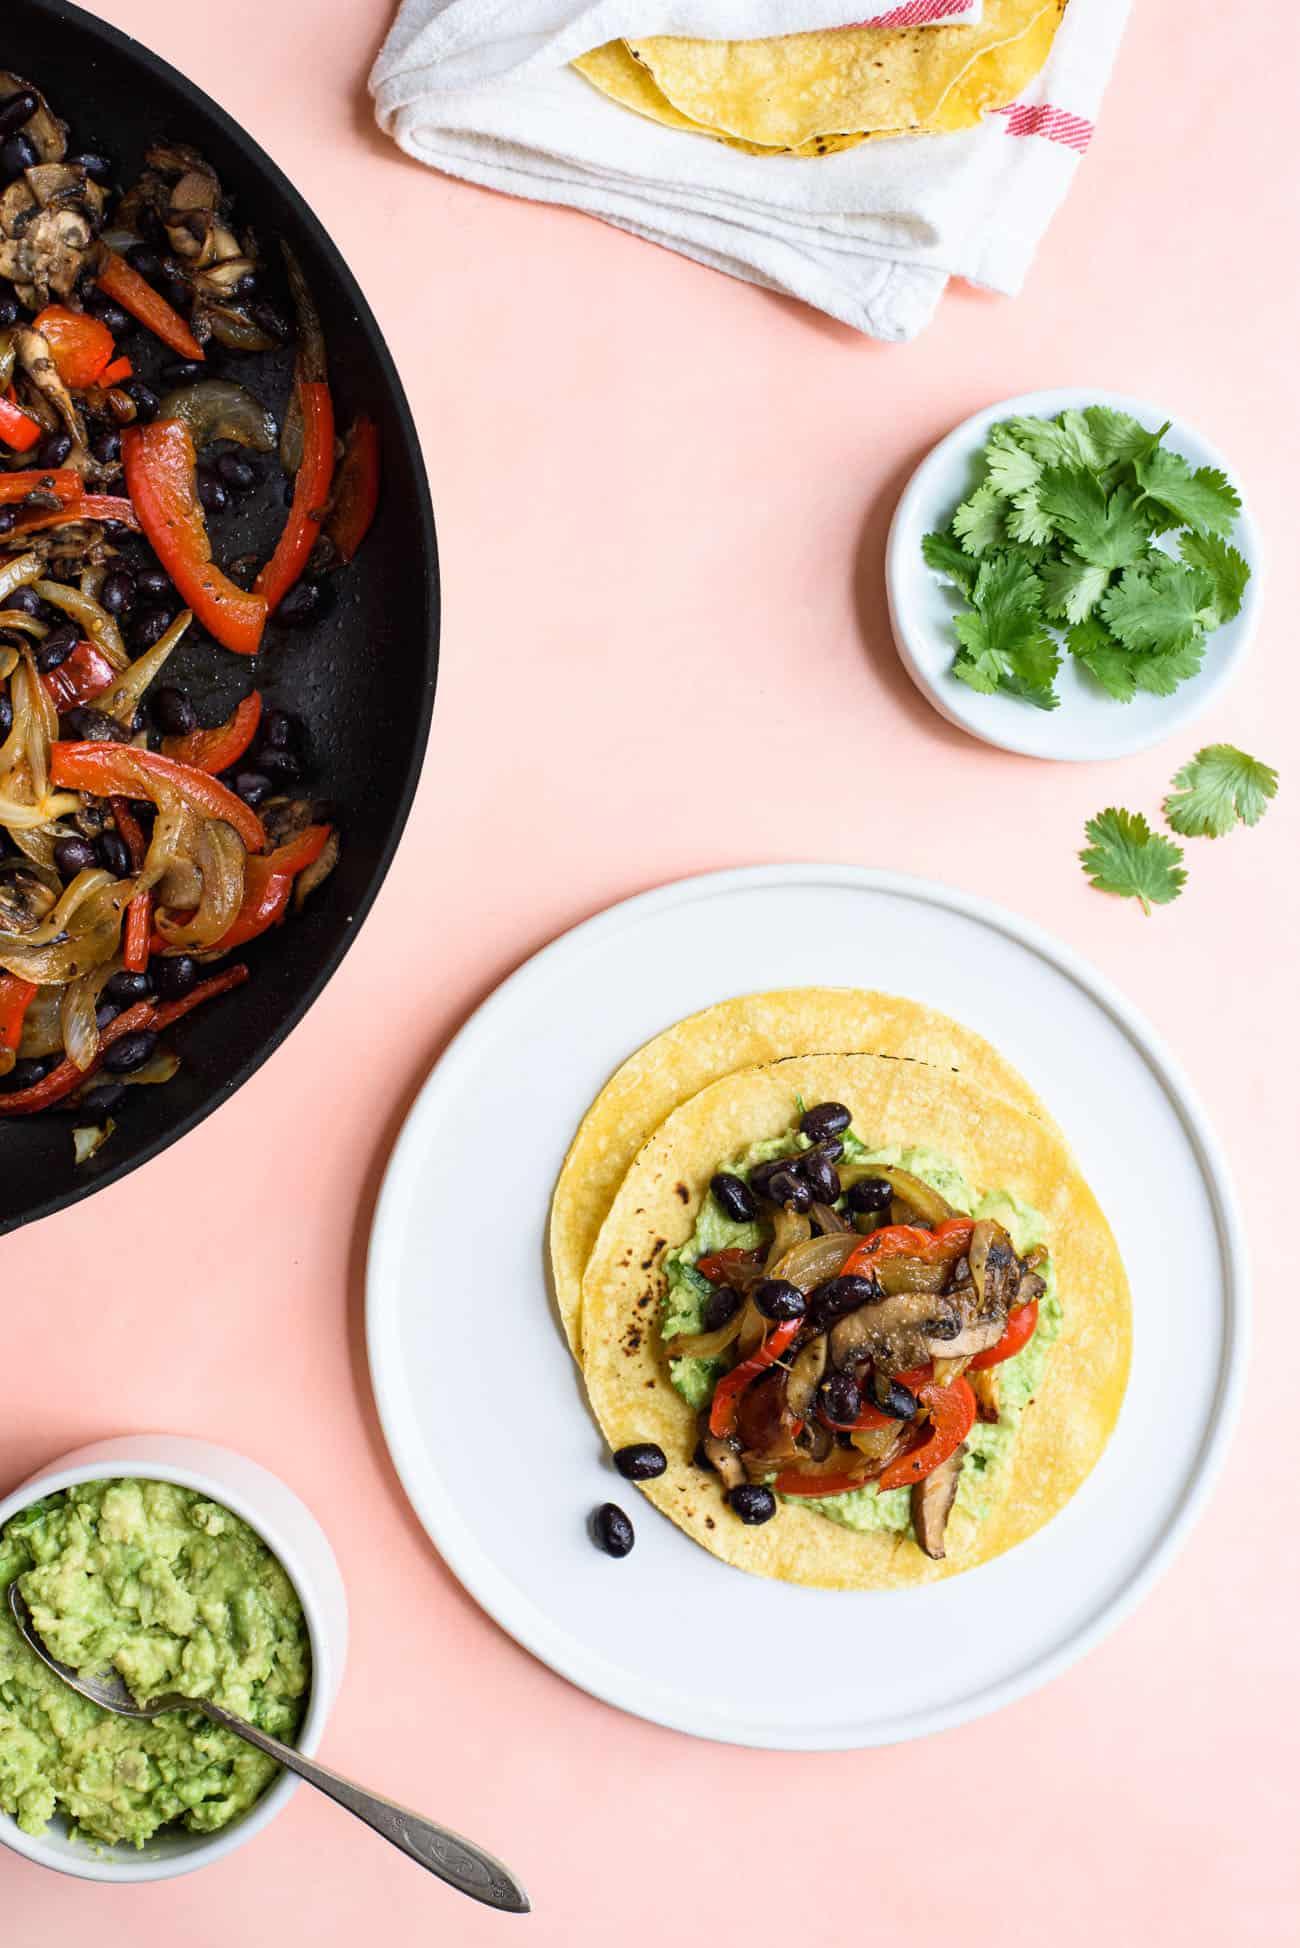 Vegan tacos on a white plate next to a skillet with fajita veggies